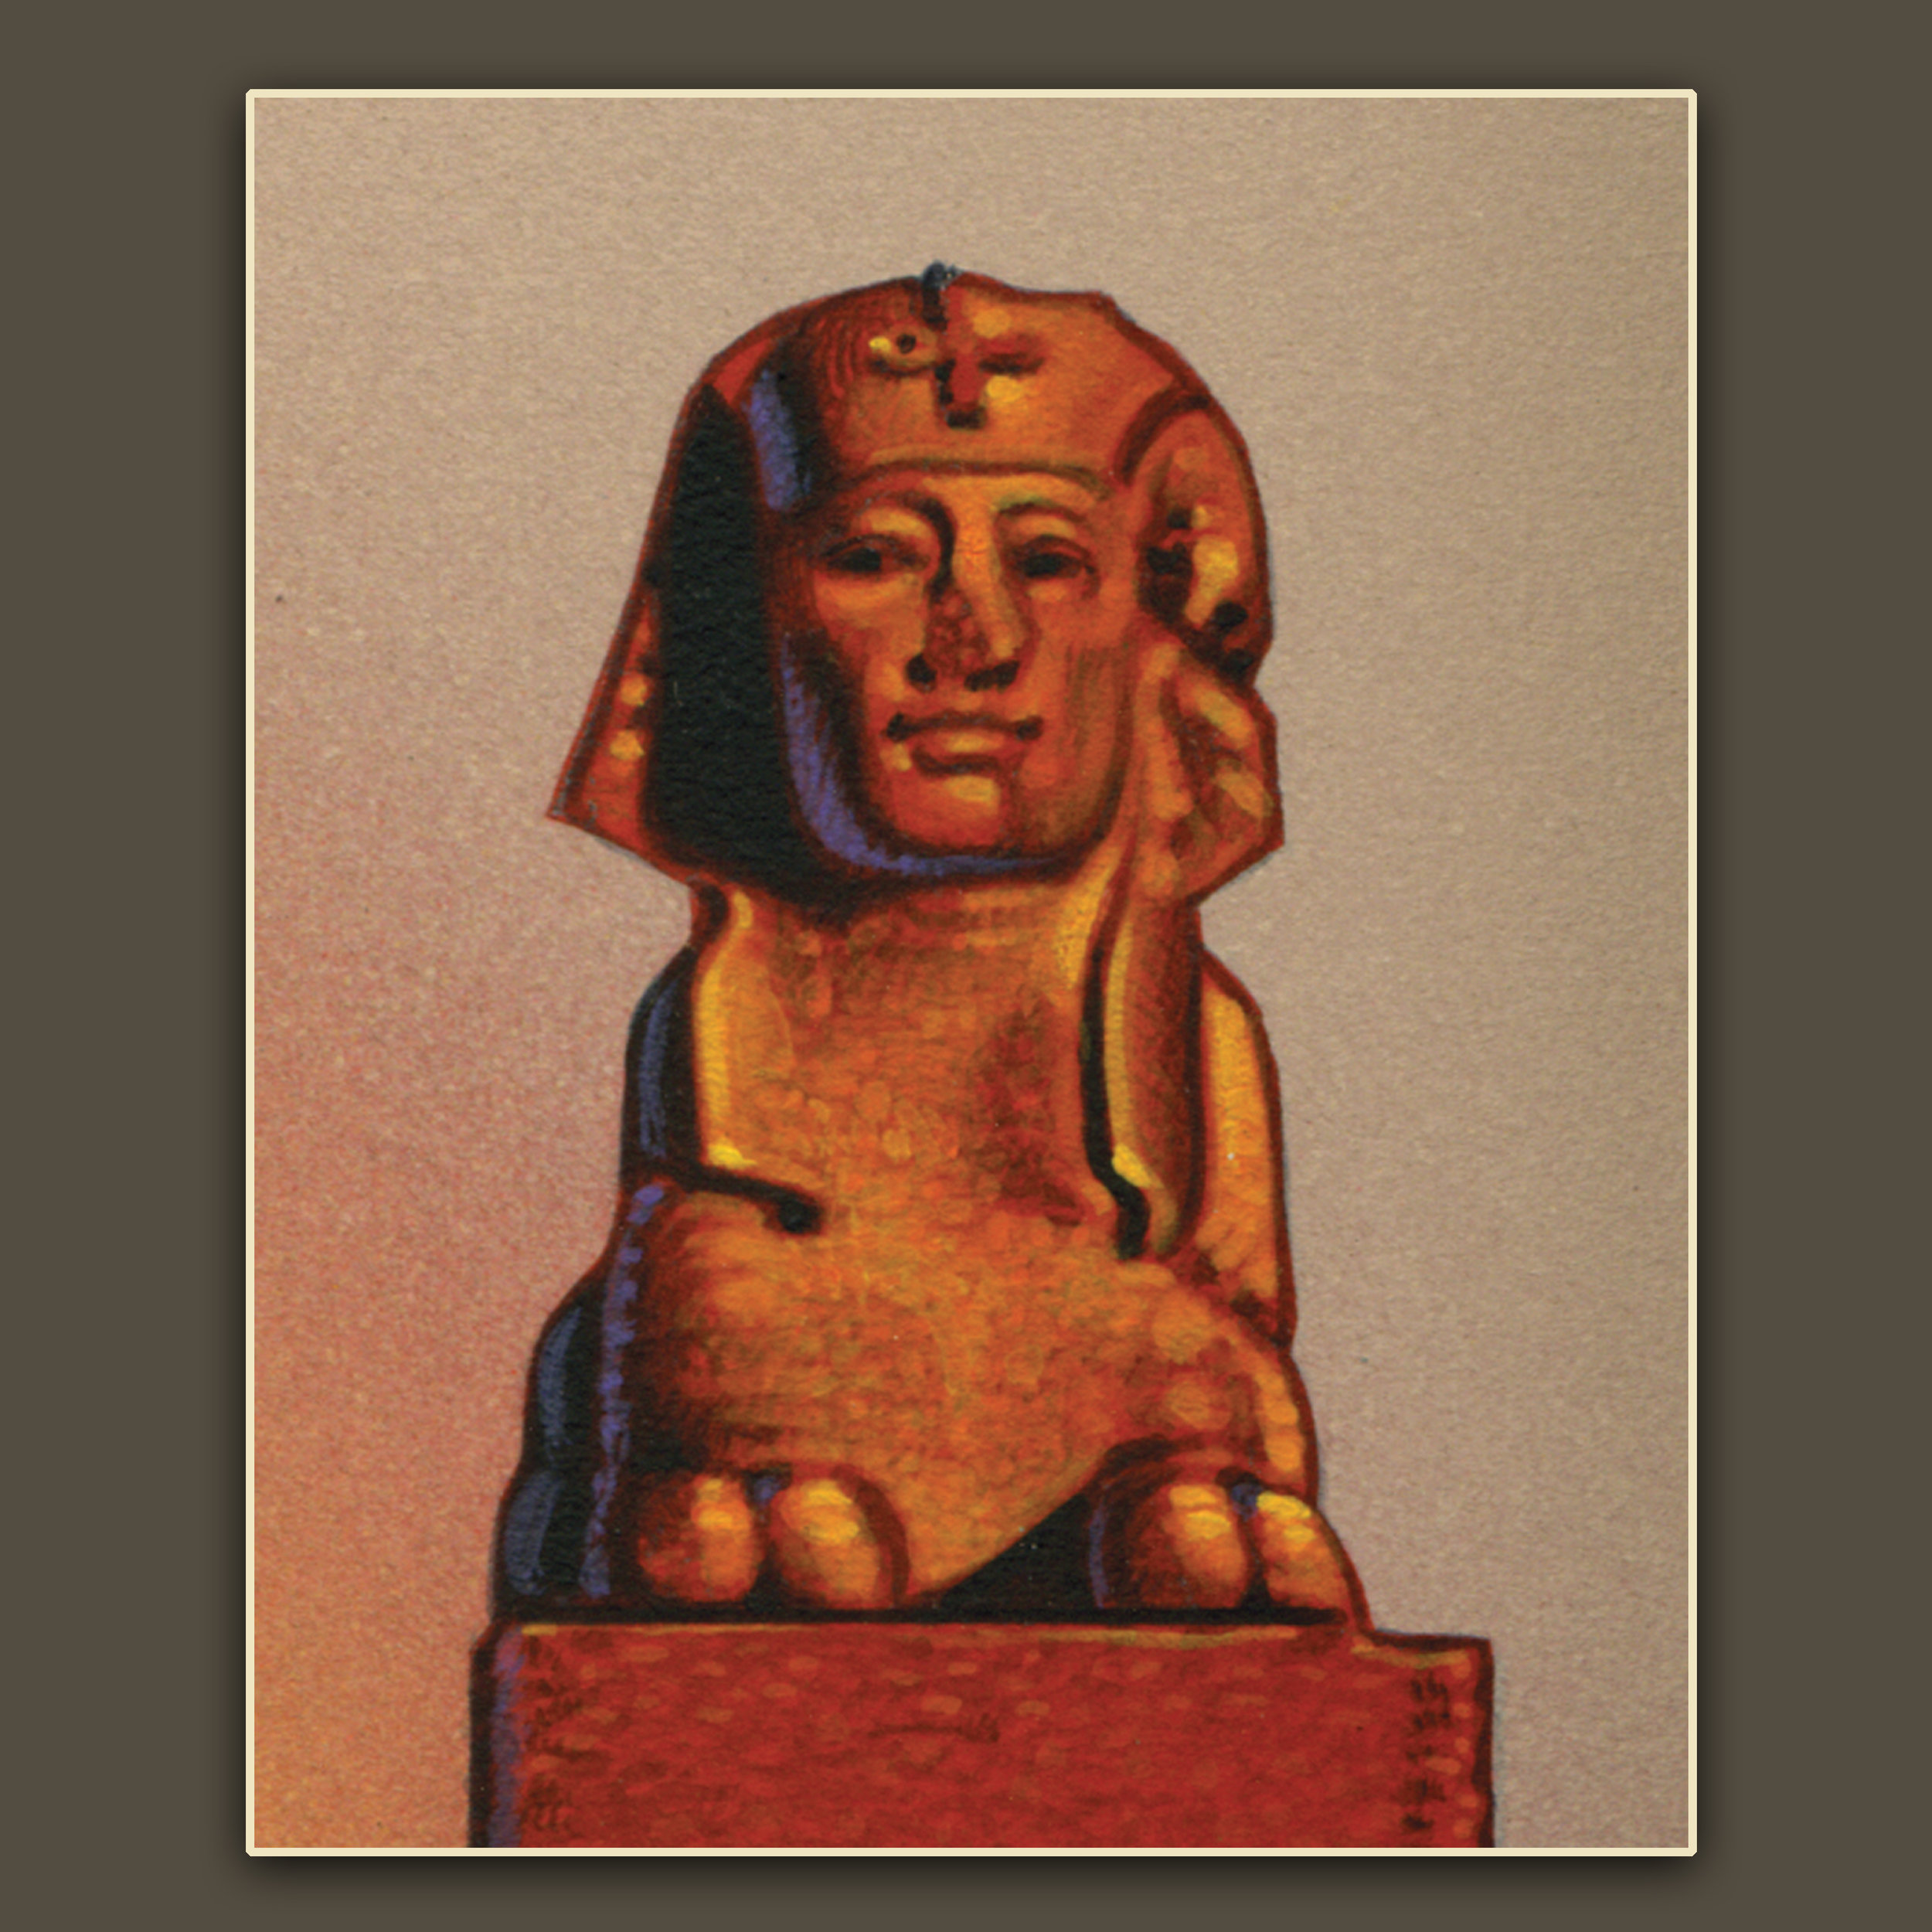 EgyptStatue-1.jpg